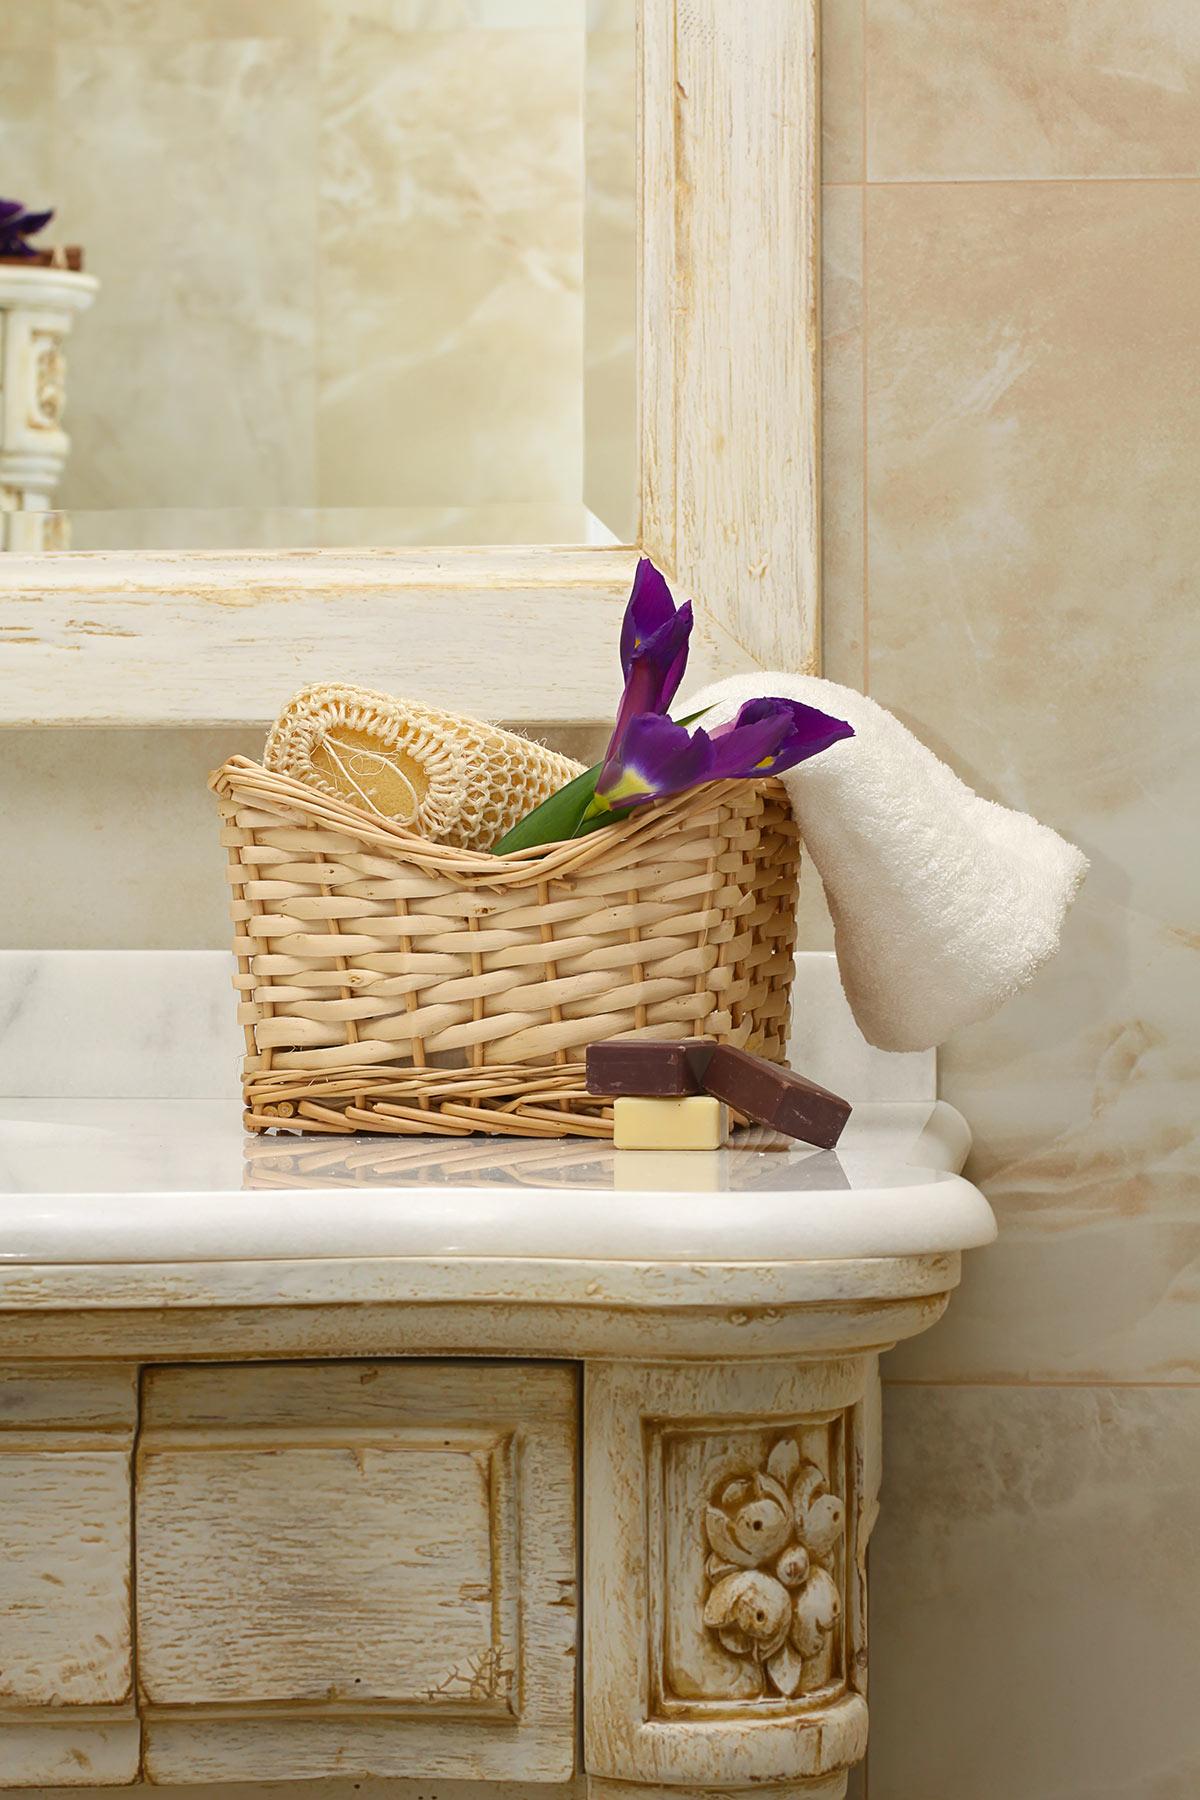 meuble de salle de bain avec beau panier en osier pour ranger savon et serviettes.